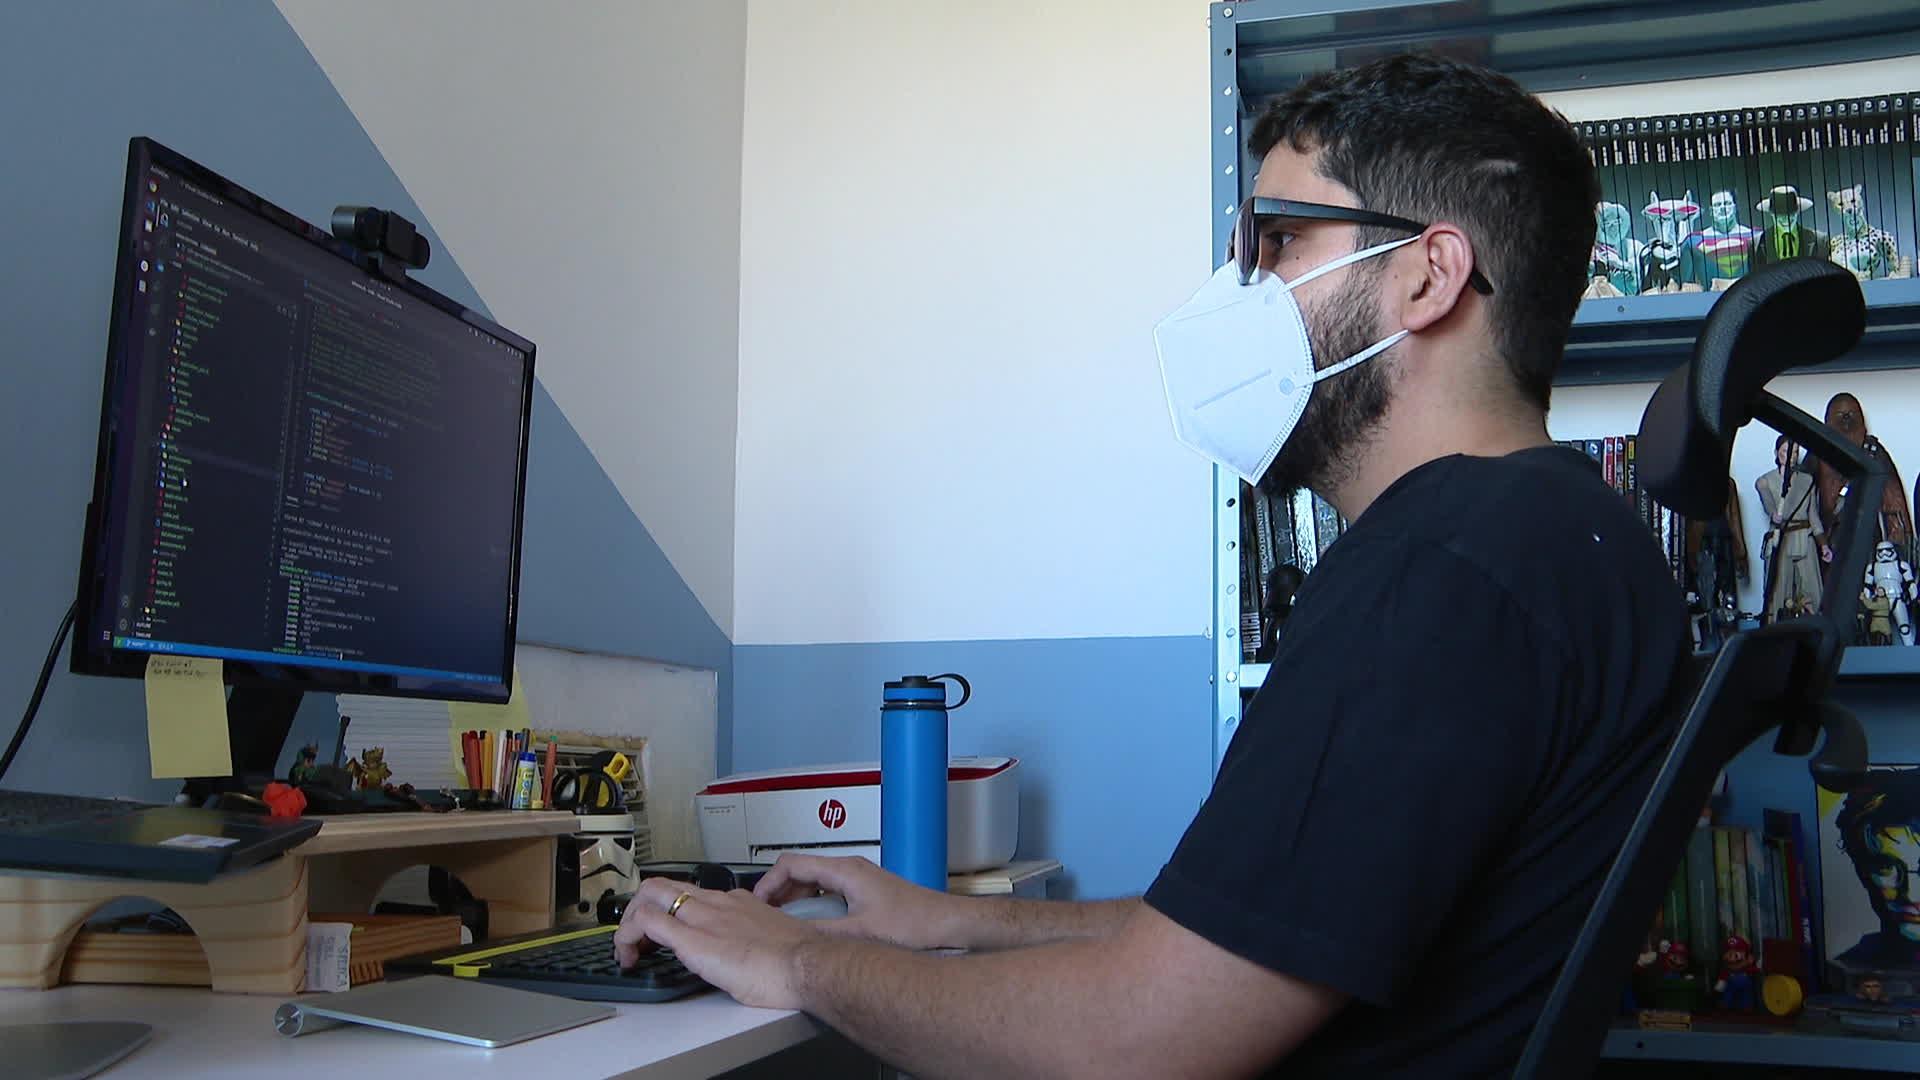 Especialistas mostram como uso da tecnologia pode solucionar falta de transparência na vacinação contra a Covid-19